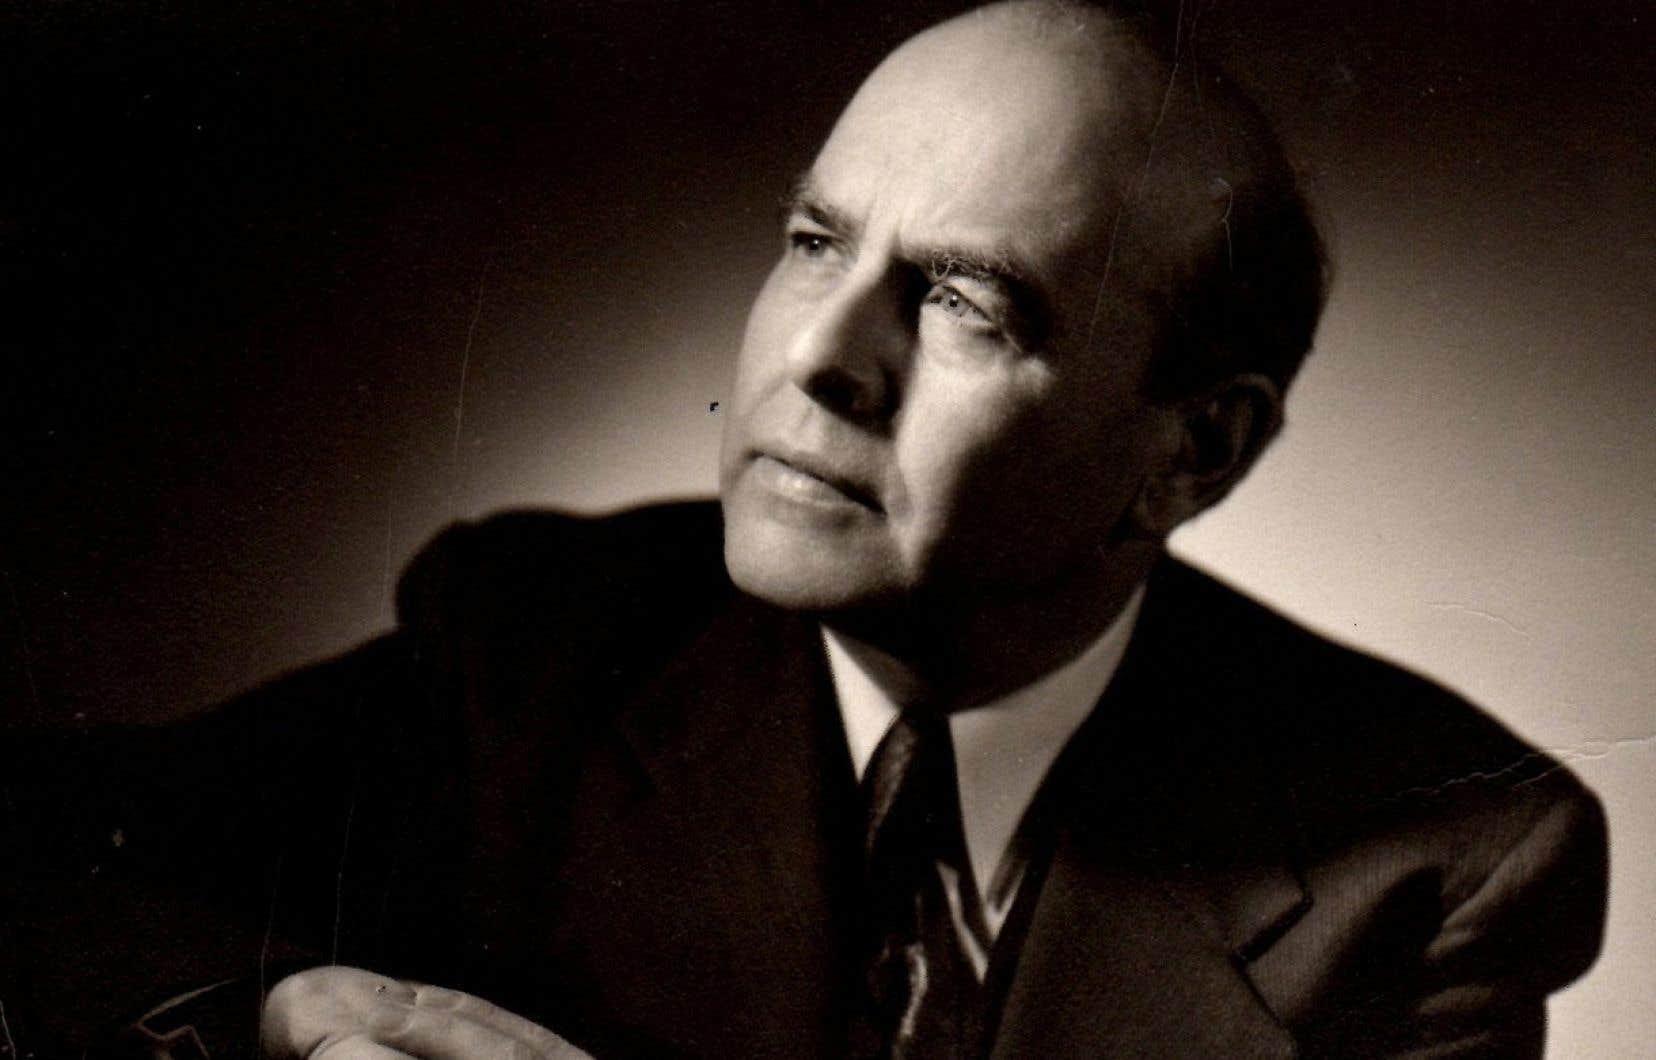 Les oeuvres du compositeur Auguste Descarries méritent d'être diffusées sur toutes les tribunes et dans les médias, selon l'auteure.